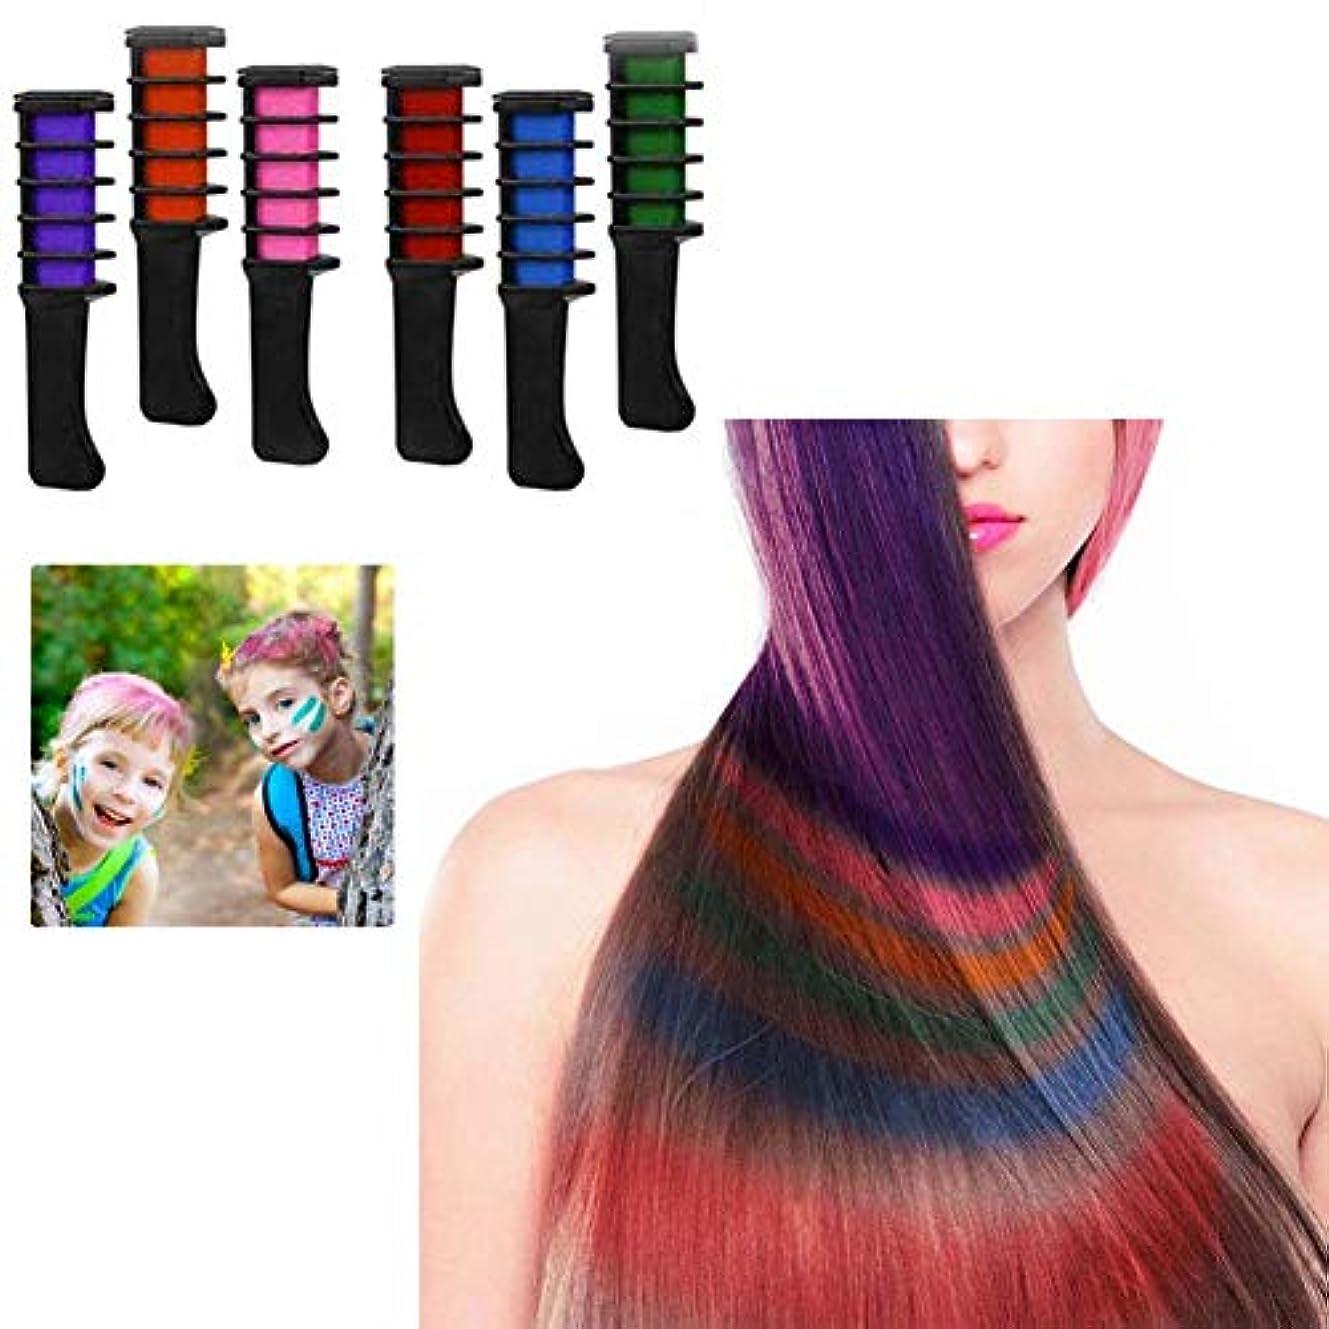 市町村強調する上髪のチョークは子供の女の子のための一時的な髪の色を染めるすべての髪の色で動作しますアイデアクリスマスギフトブラックハンドル6色